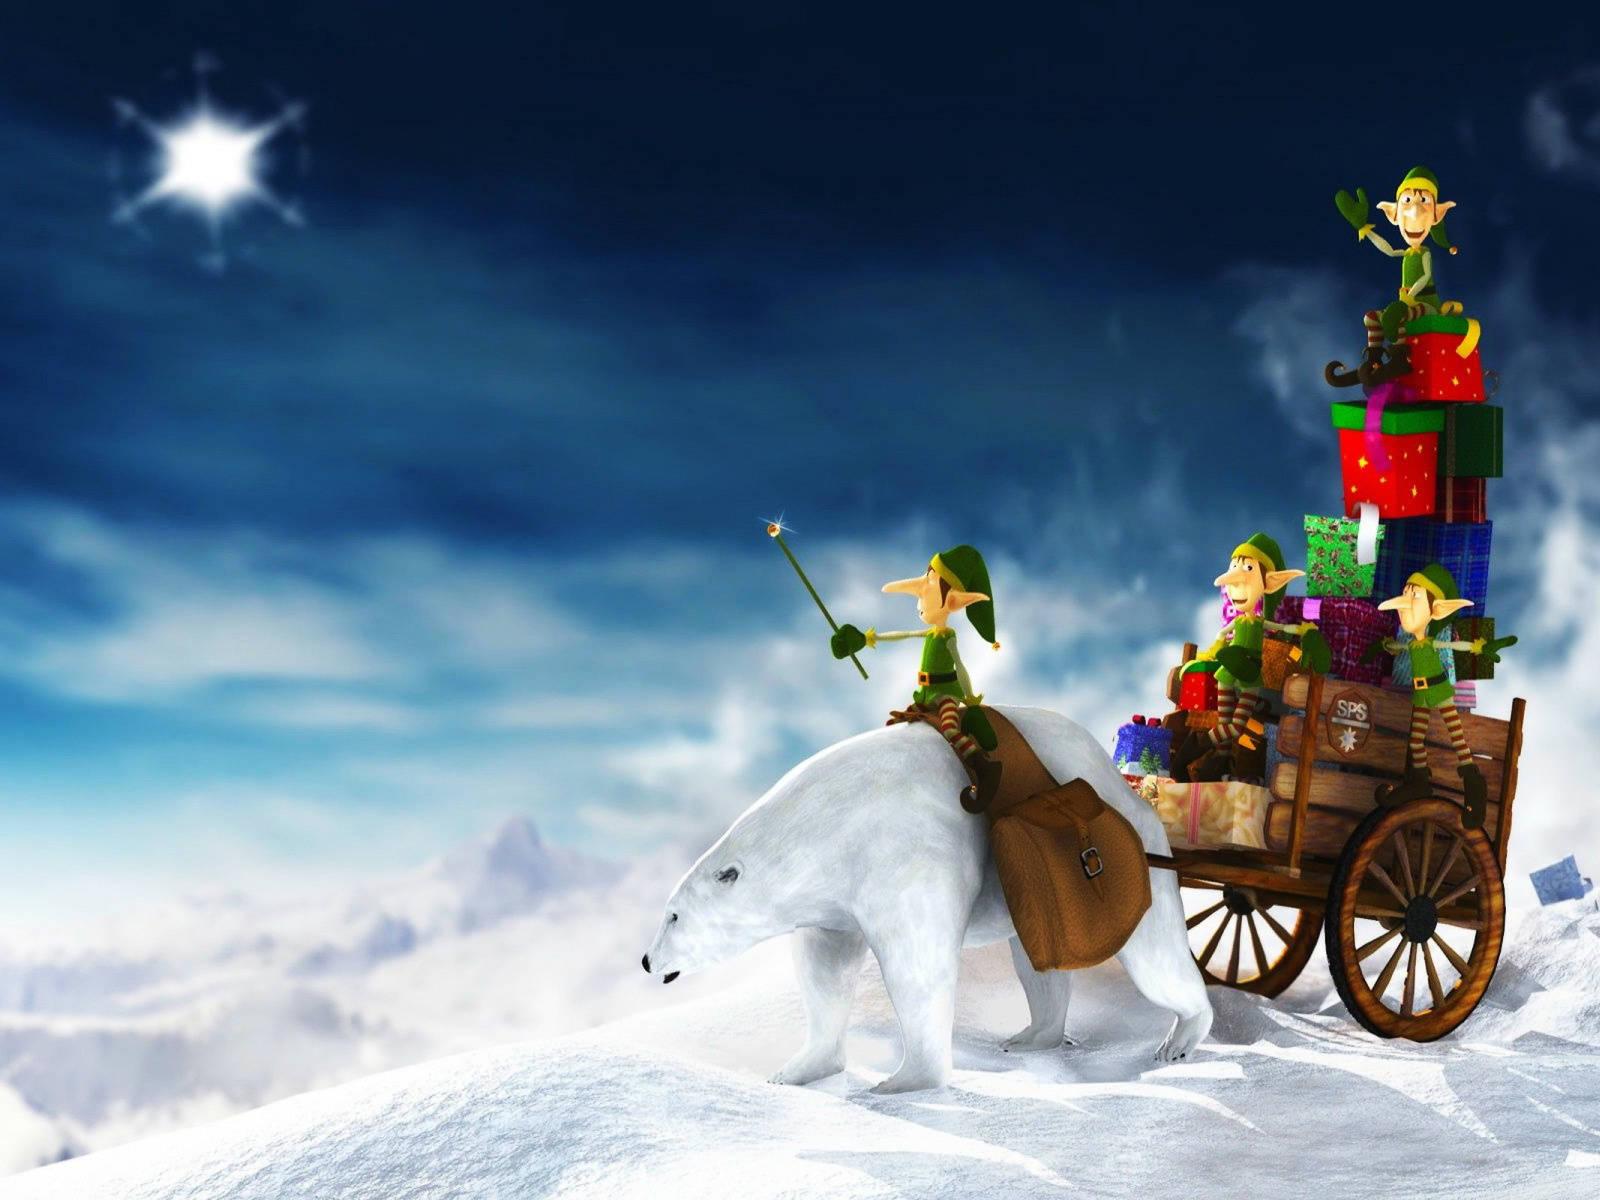 Christmas Wallpapers Animated Desktop Christmas Wallpaper 1600x1200